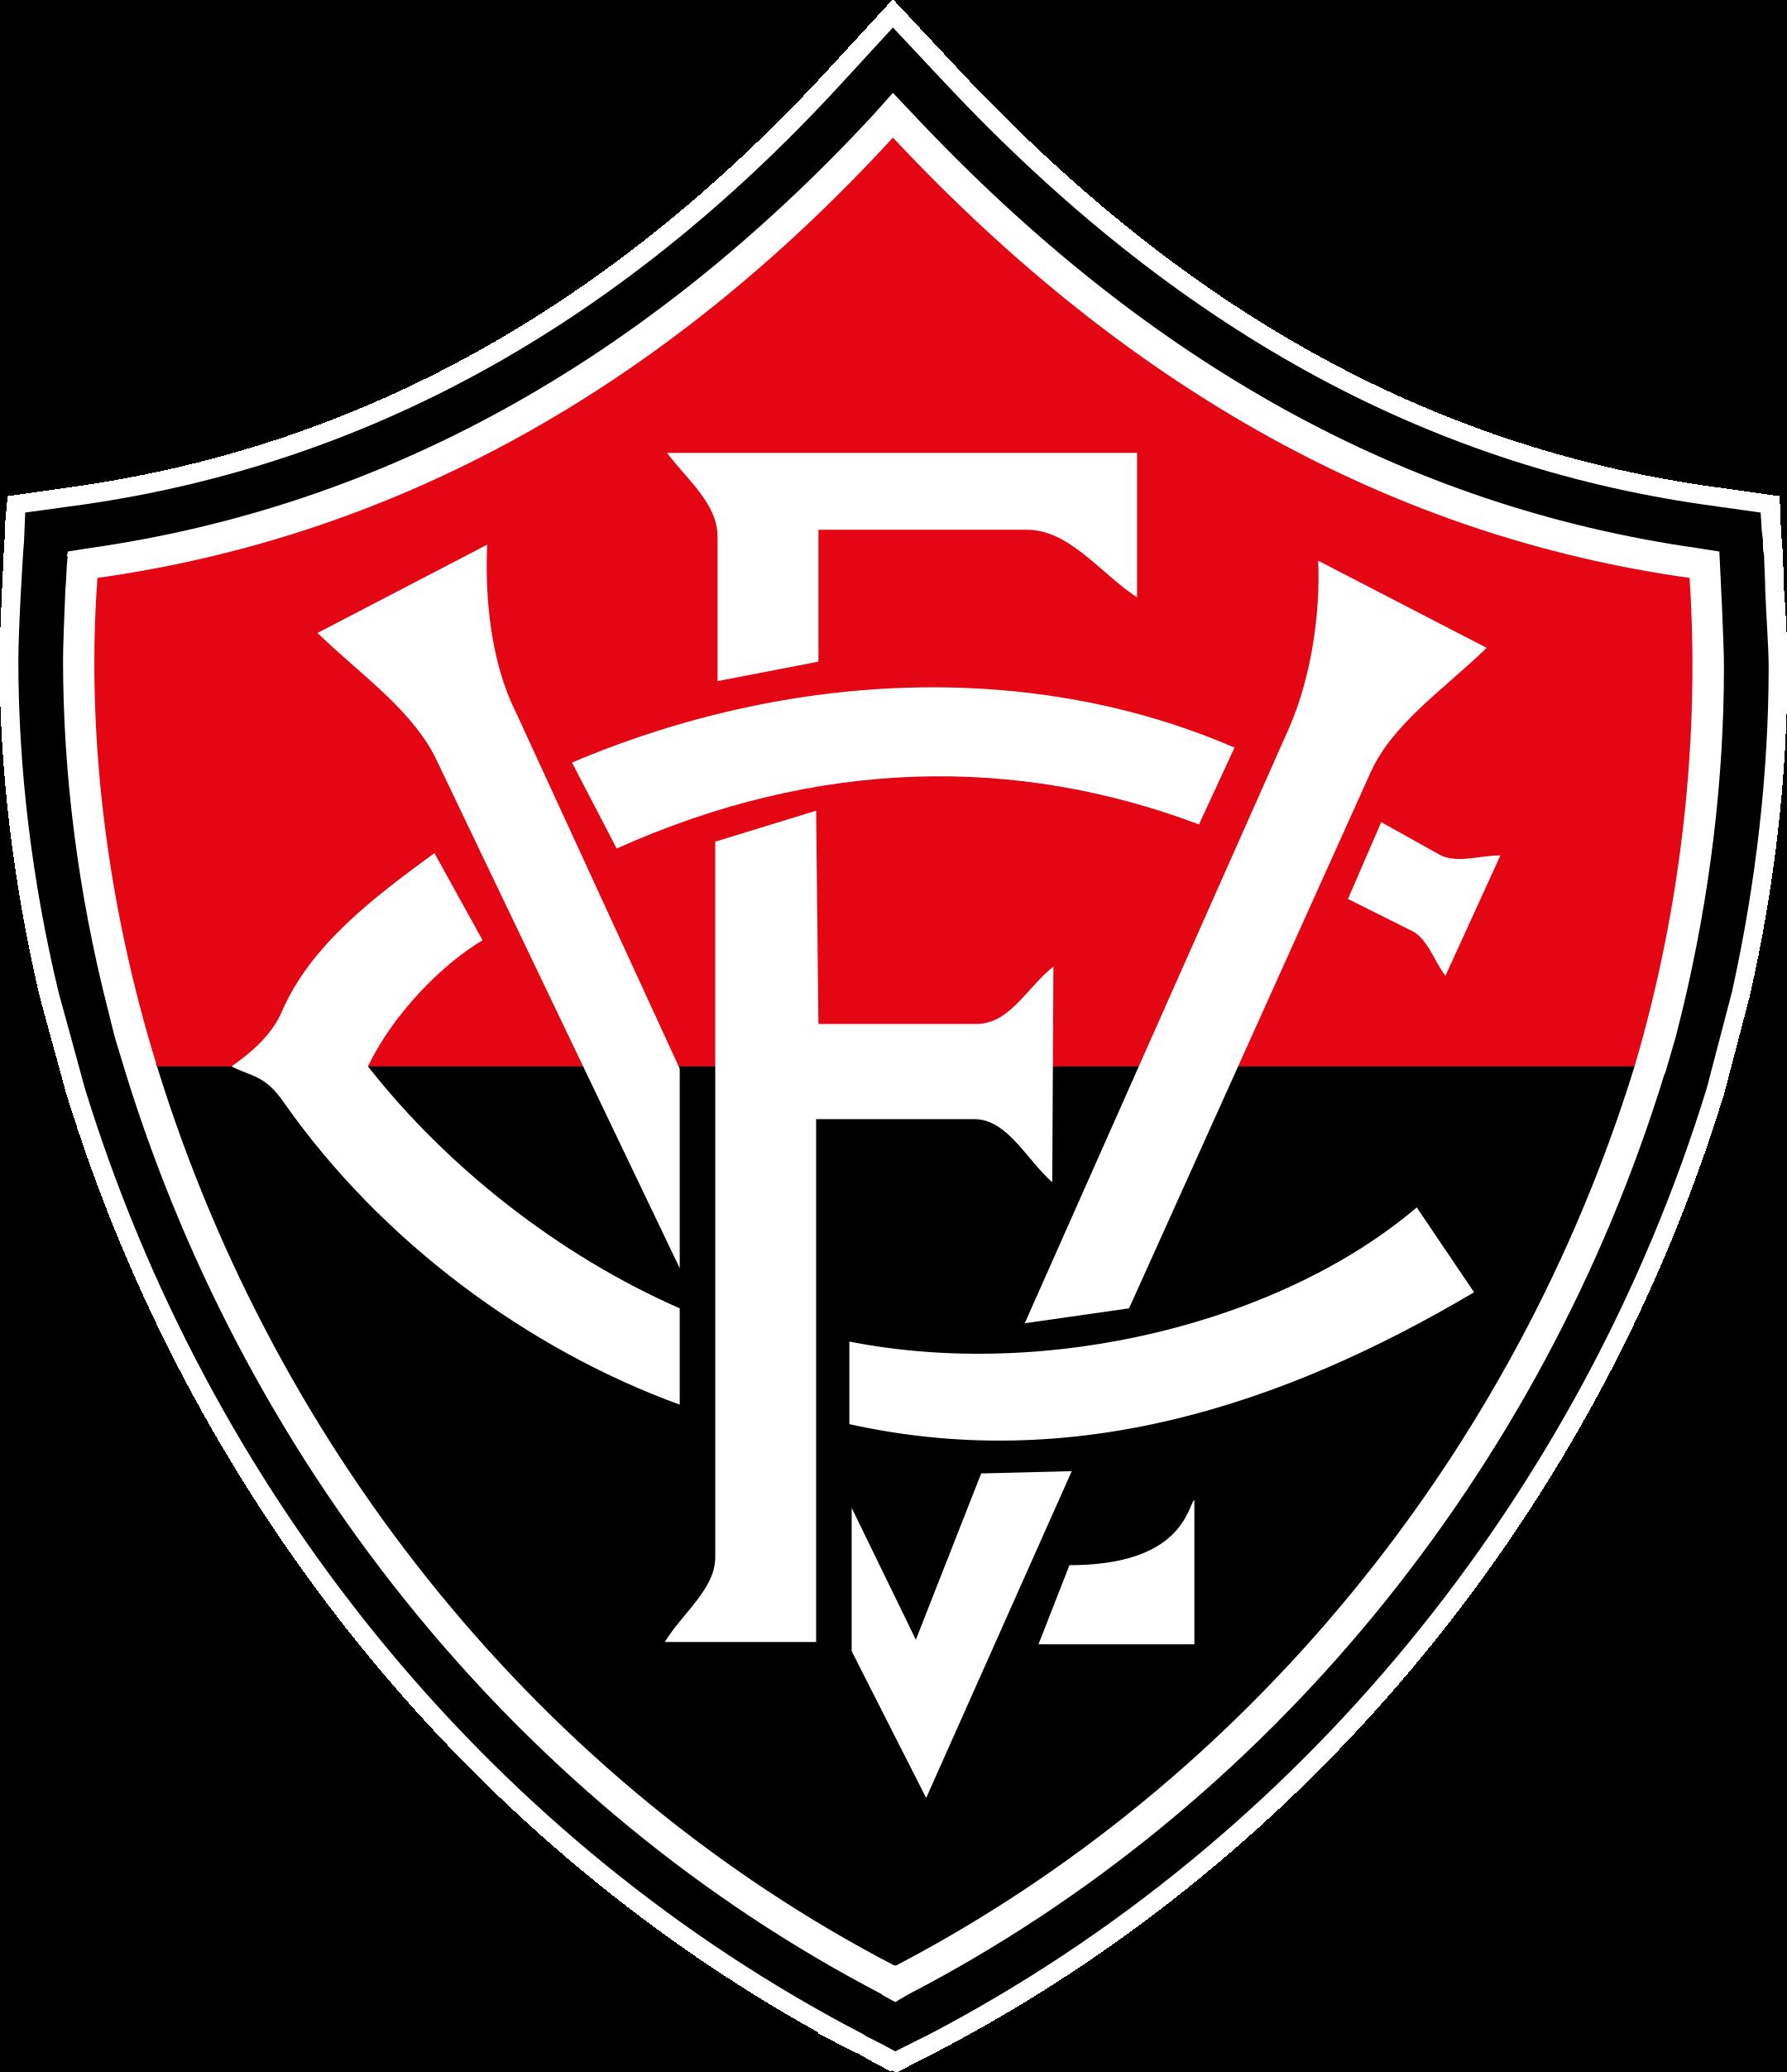 ec vitoria logo 1 - Esporte Clube Vitória Logo